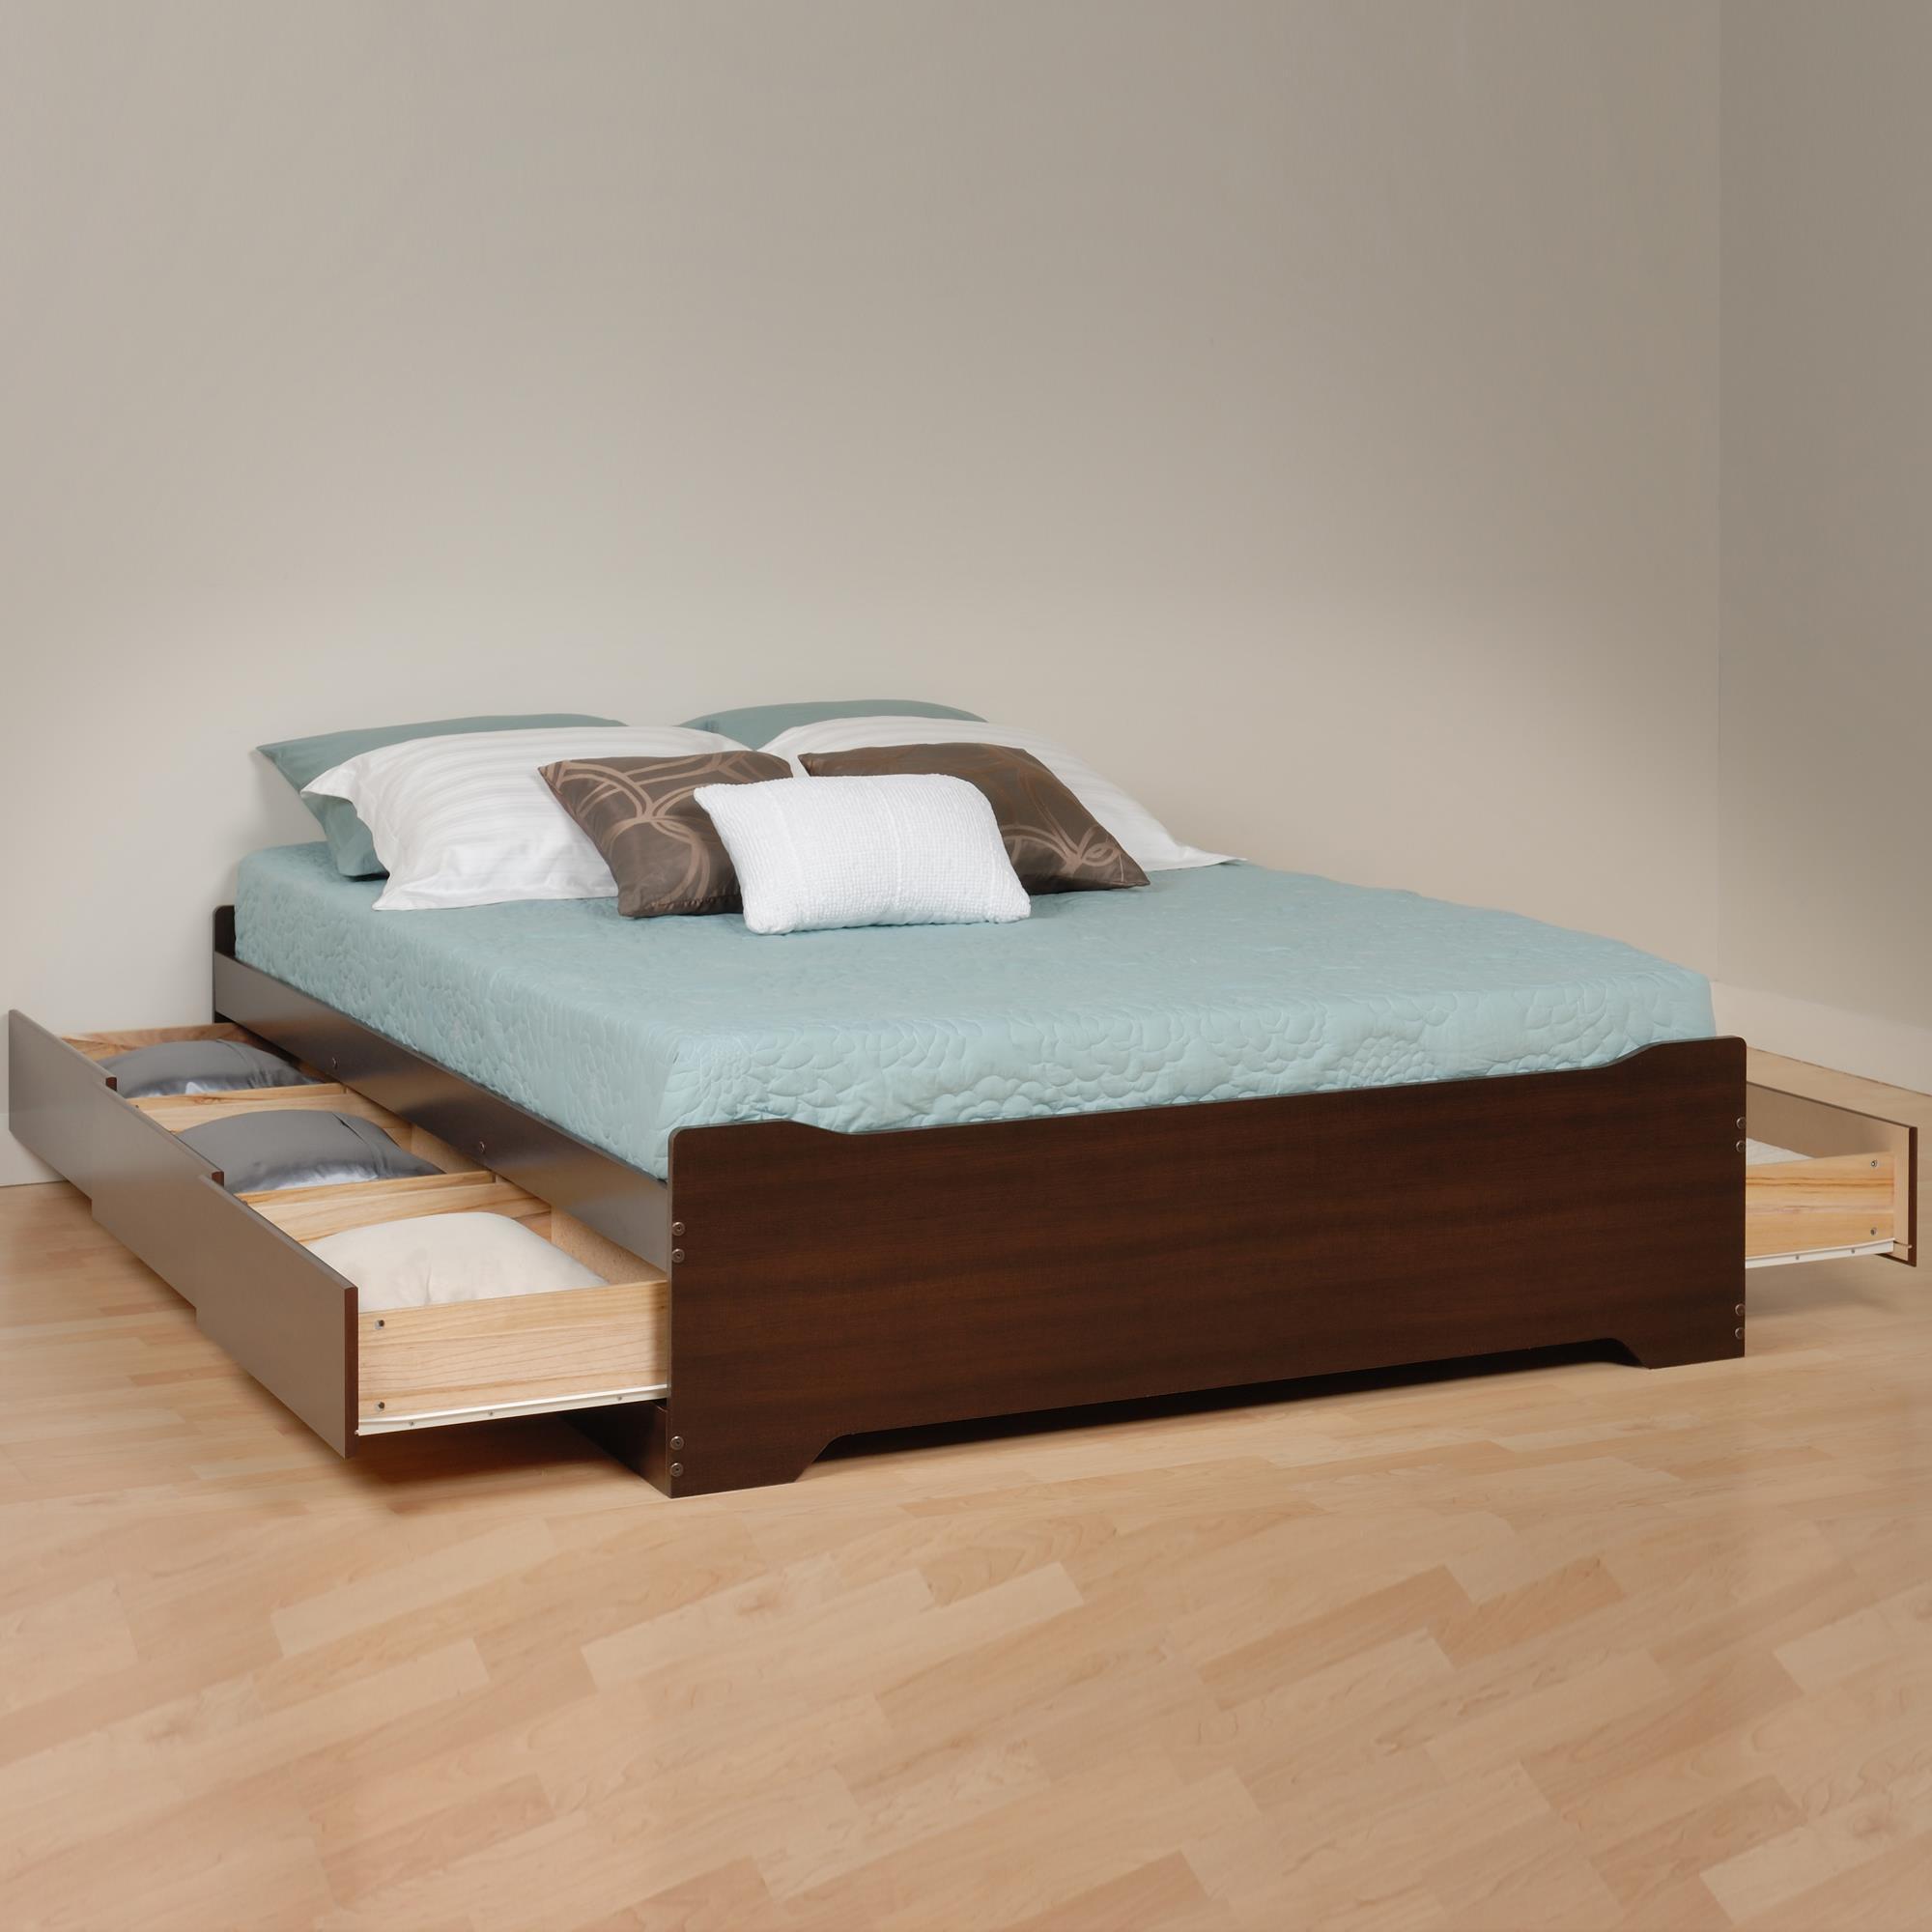 Coal Harbor Queen 6 drawer Platform Storage Bed - [EBQ-6200-3KV]